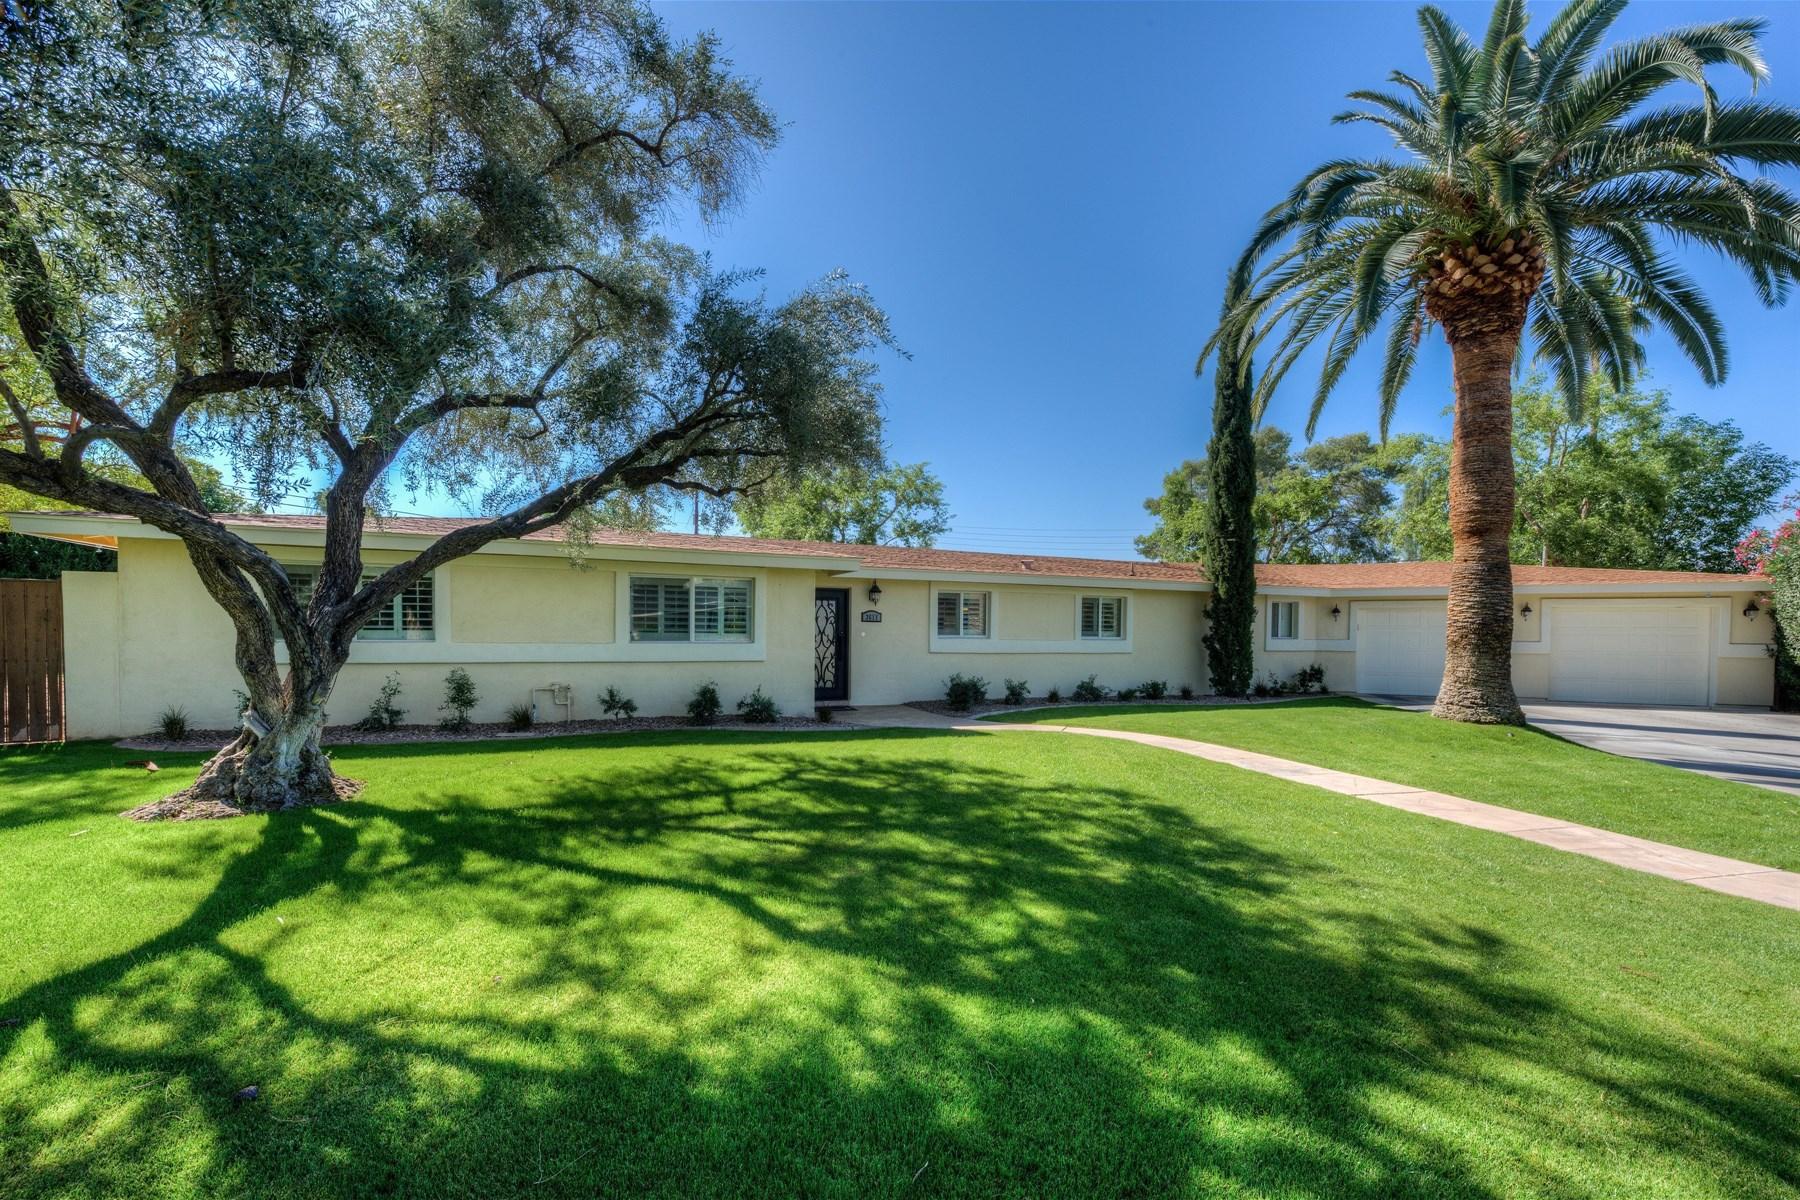 Casa Unifamiliar por un Venta en Charming home in the highly desirable Camelback Corridor 3611 E Mariposa St Phoenix, Arizona, 85018 Estados Unidos